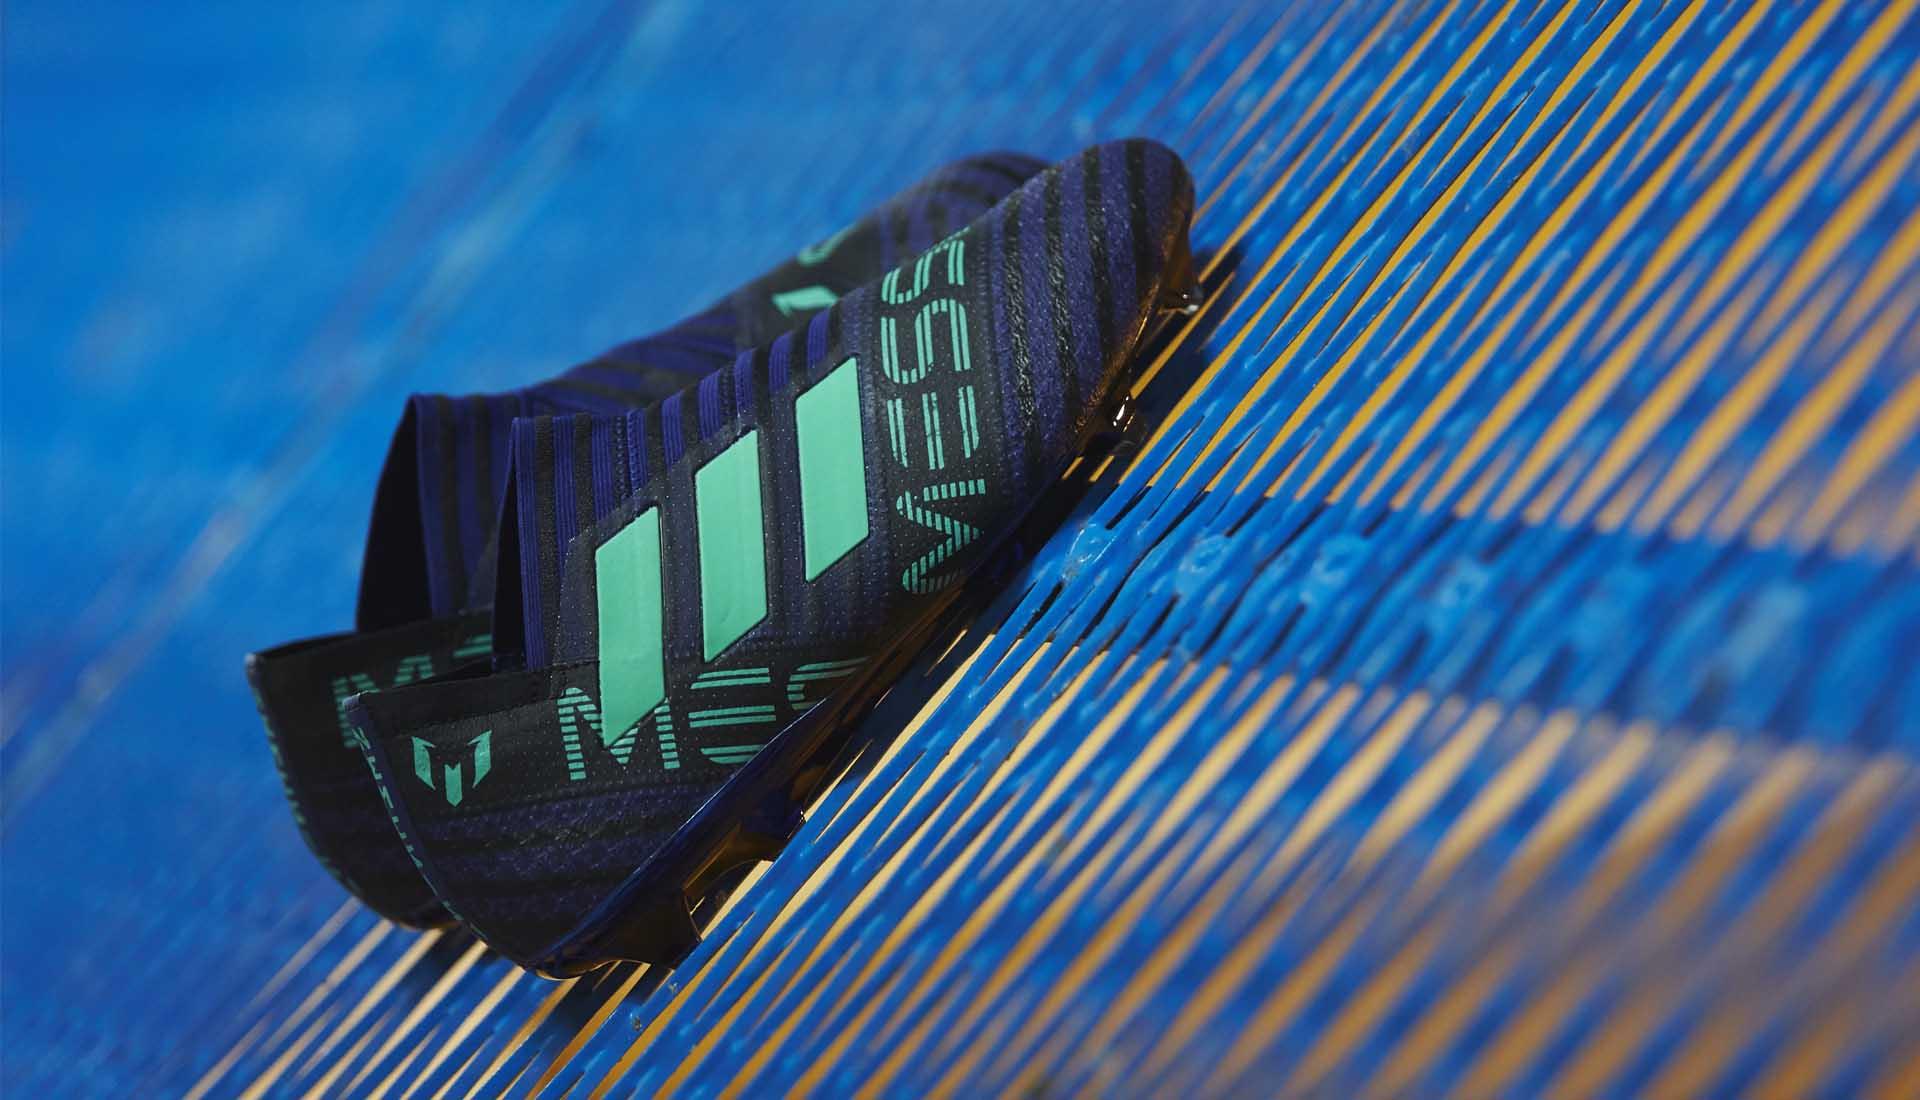 c72c1e8bc85 adidas Launch The Nemeziz Messi 17+